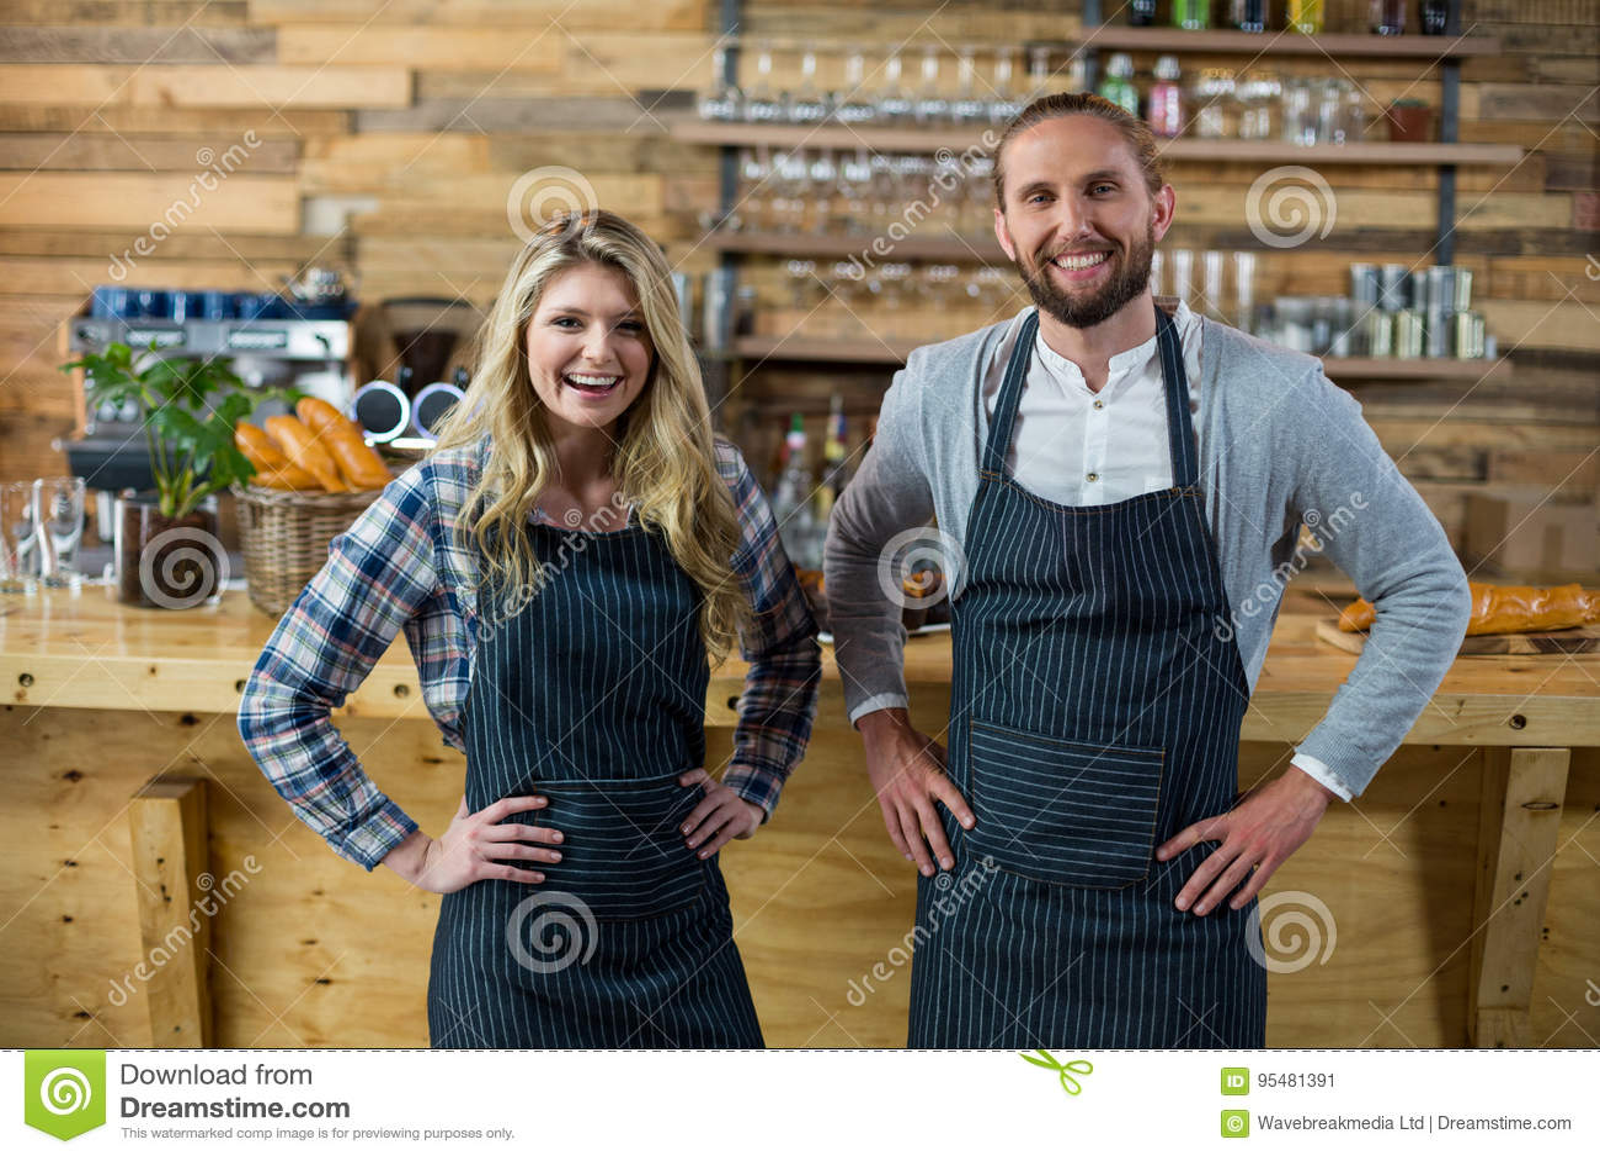 Portret kelnera i kelnerki pozycja z ręką na biodrze przy kontuarem